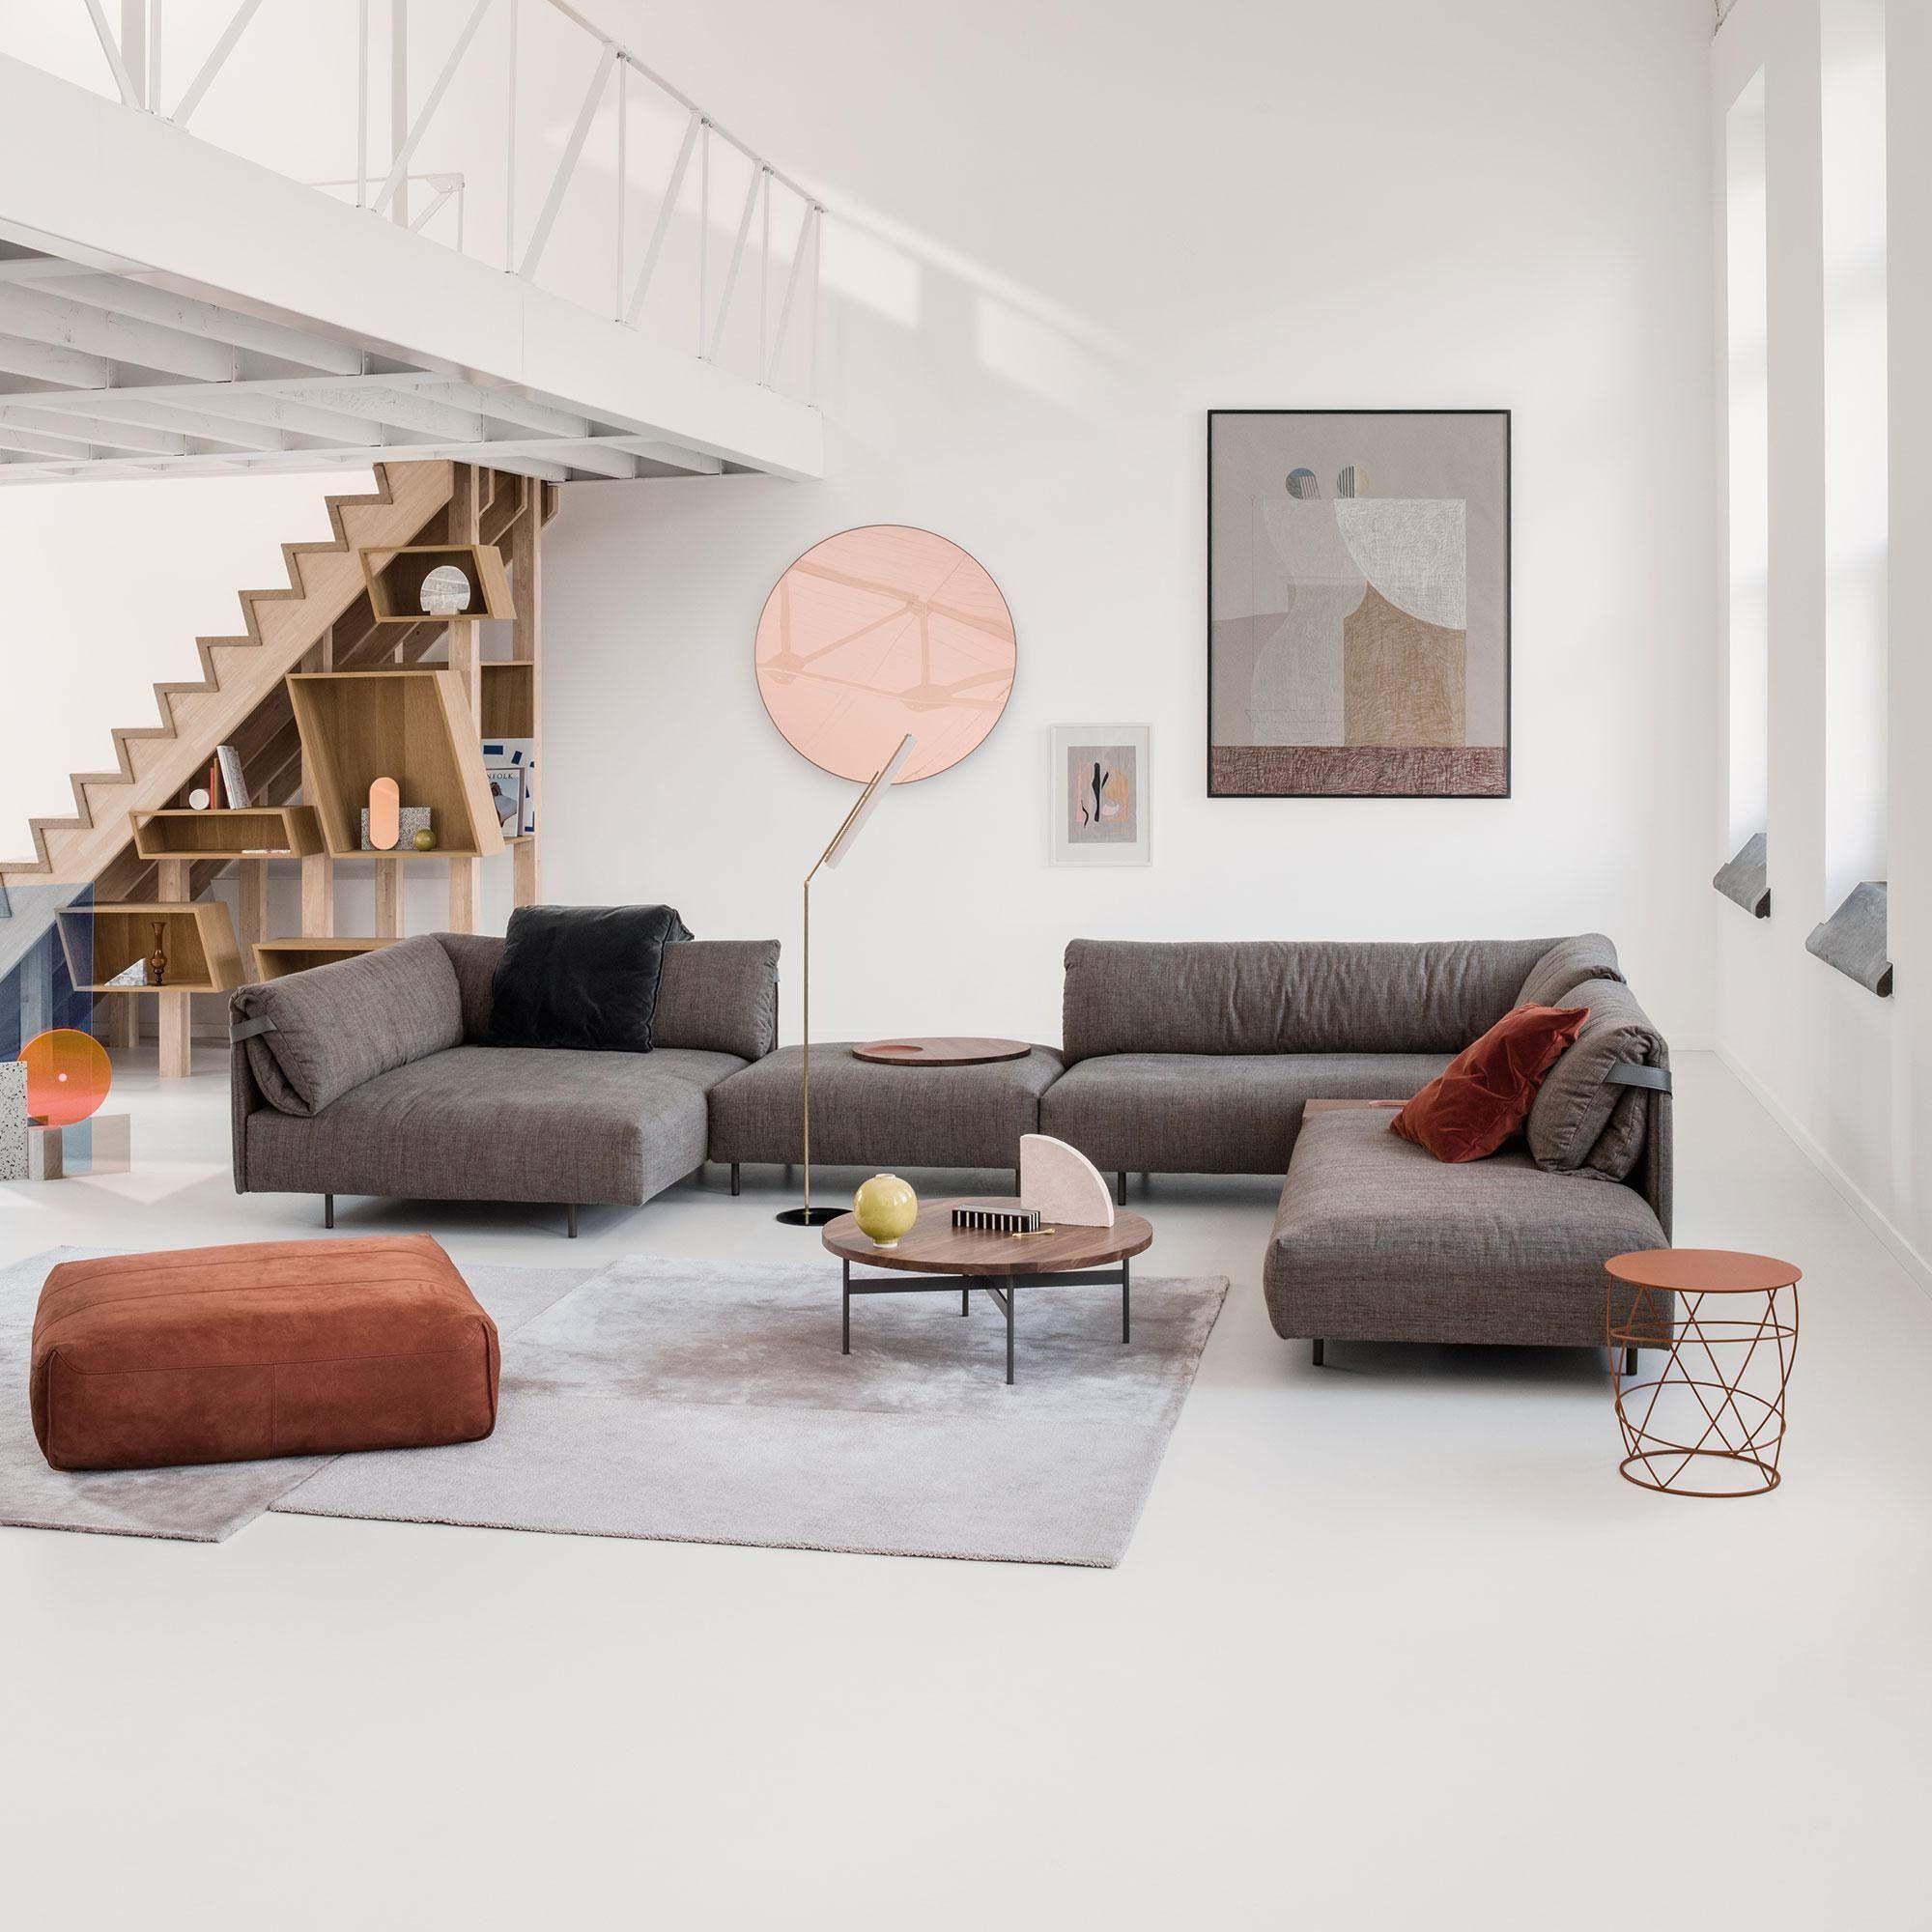 rolf benz couchtisch affordable der couchtisch von rolf benz berzeugt durch toppreis topmarke. Black Bedroom Furniture Sets. Home Design Ideas